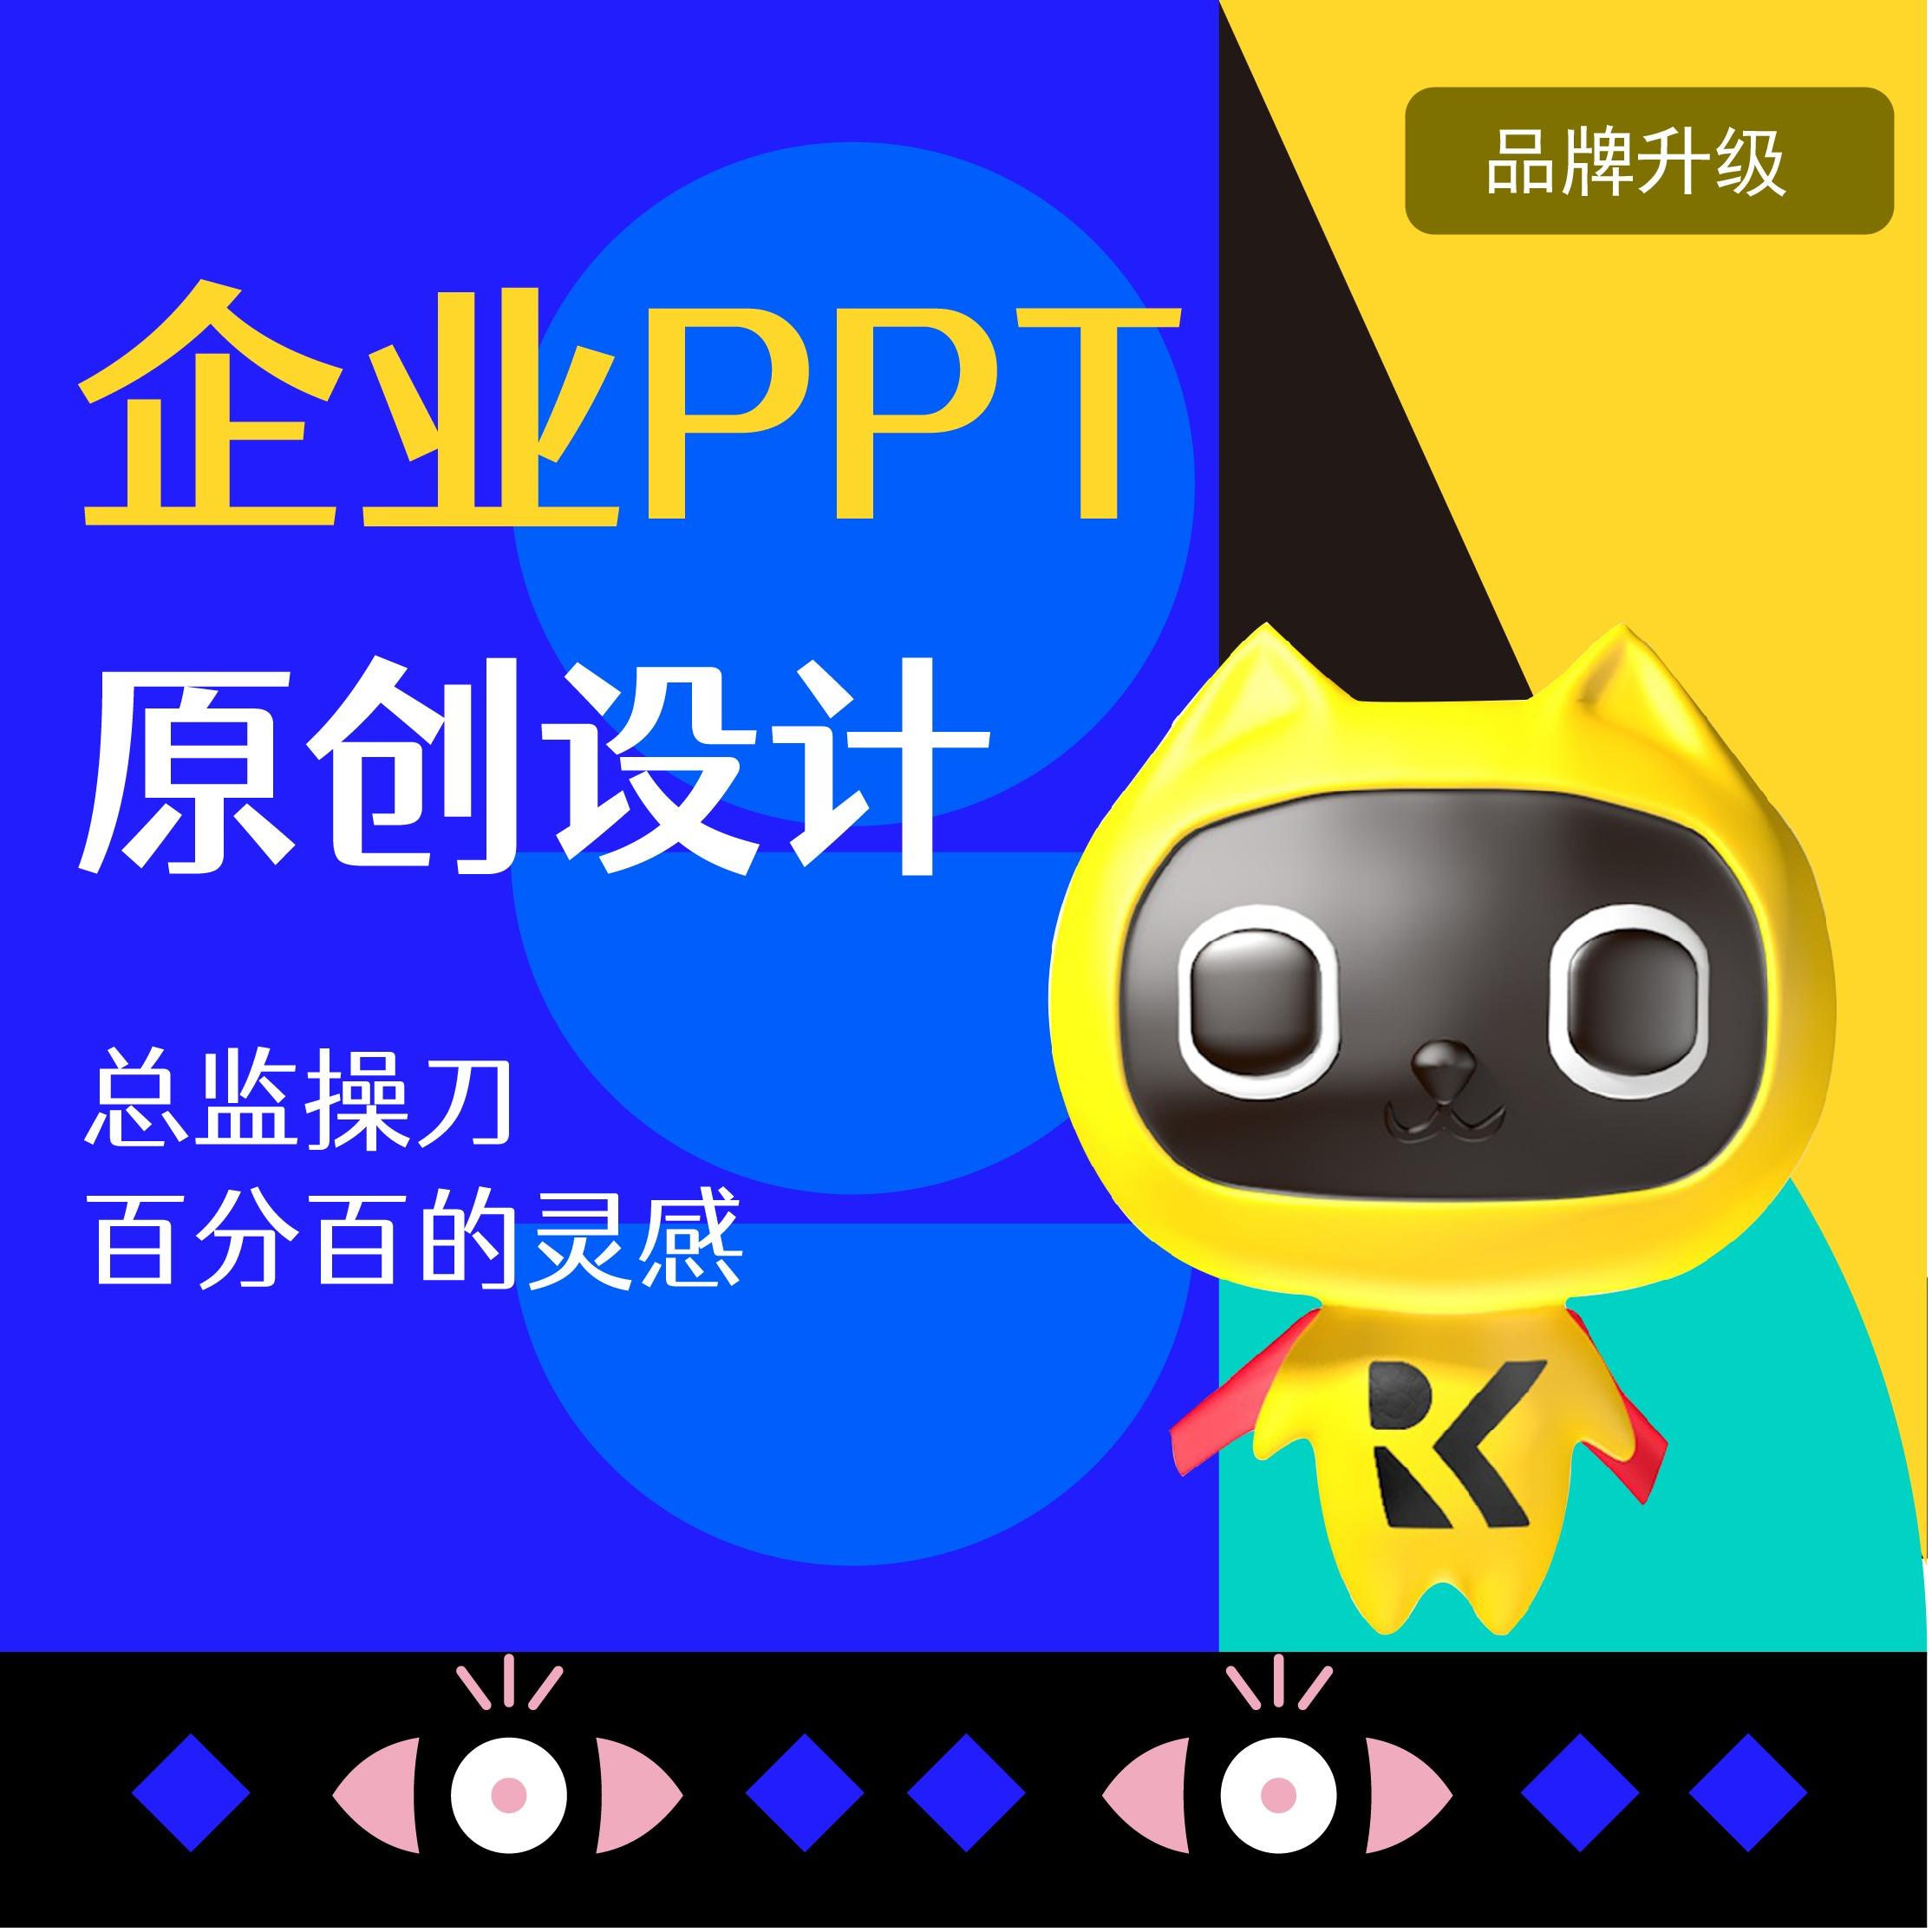 高端海报设计传单页易拉宝展架设计PPT制作美化广告设计包月